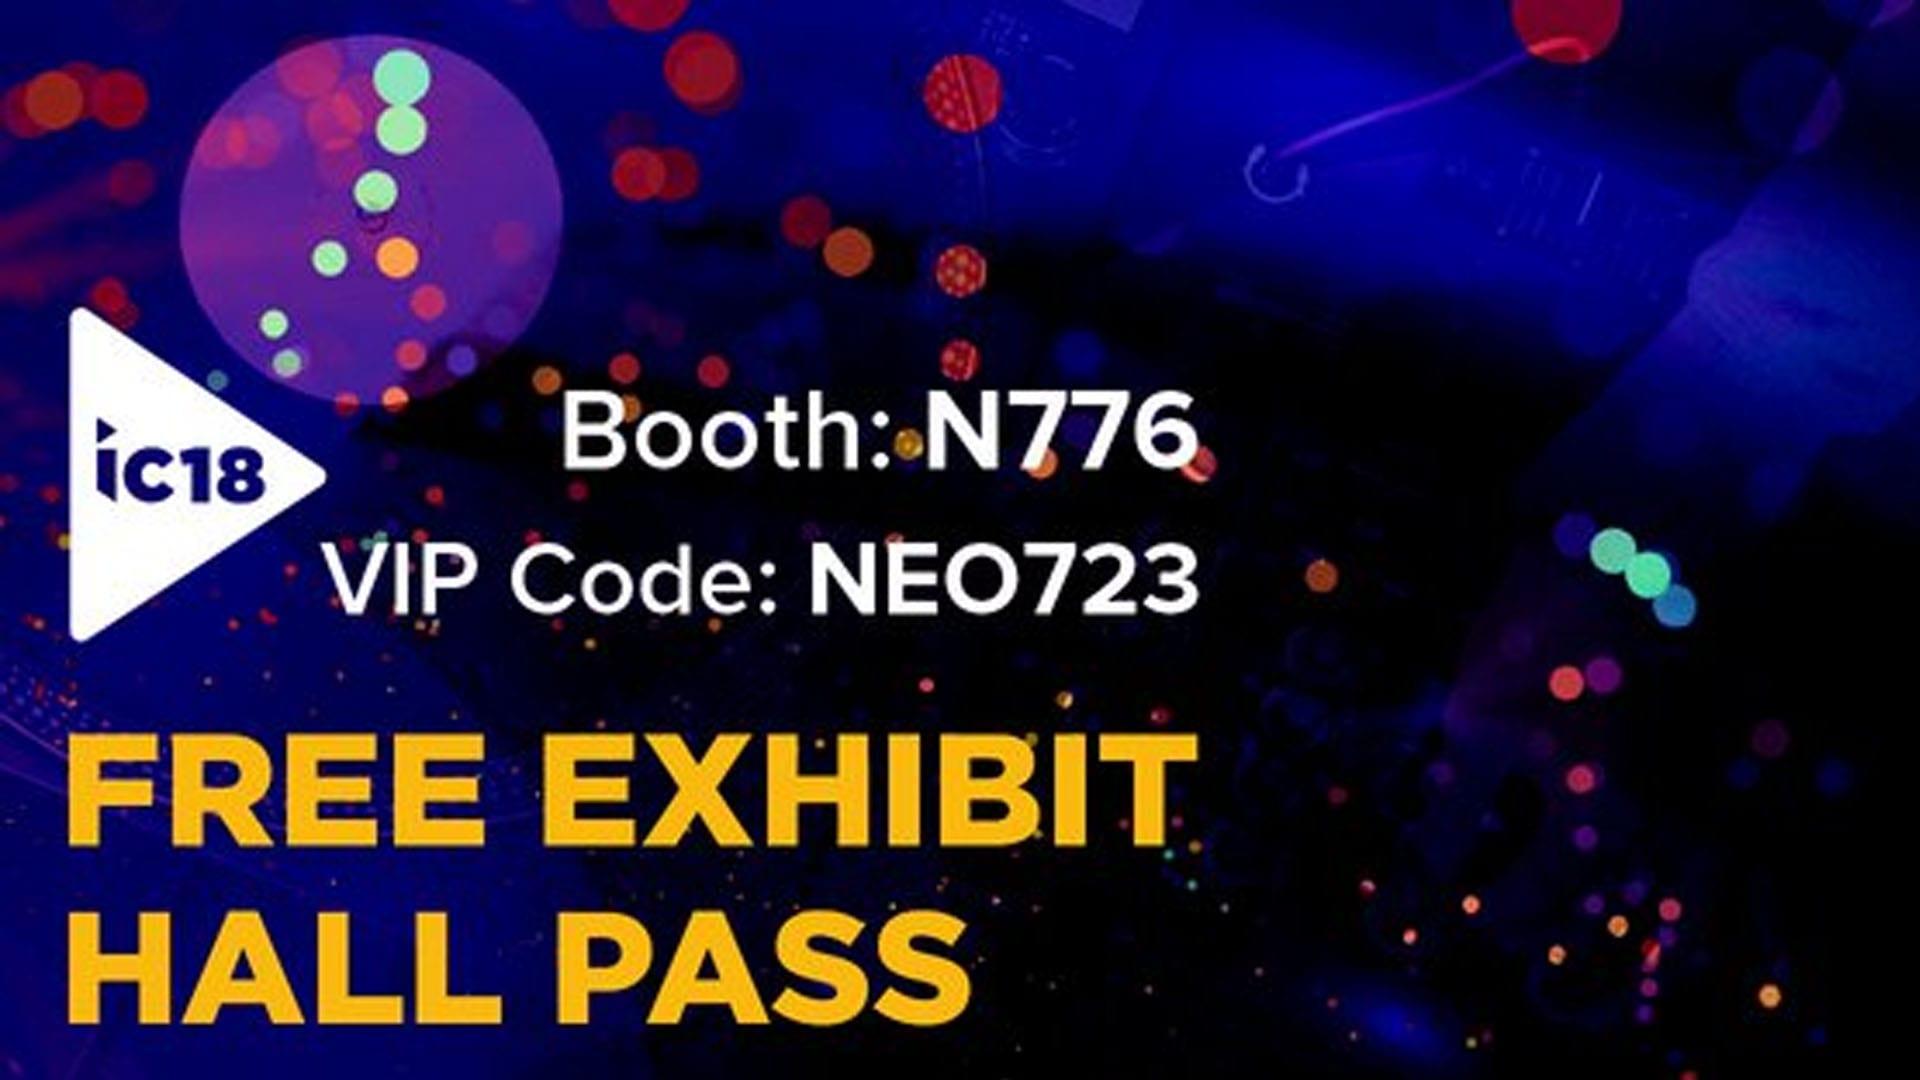 InfoComm 2018 Free Pass Booth N776 VIP Code NEO723